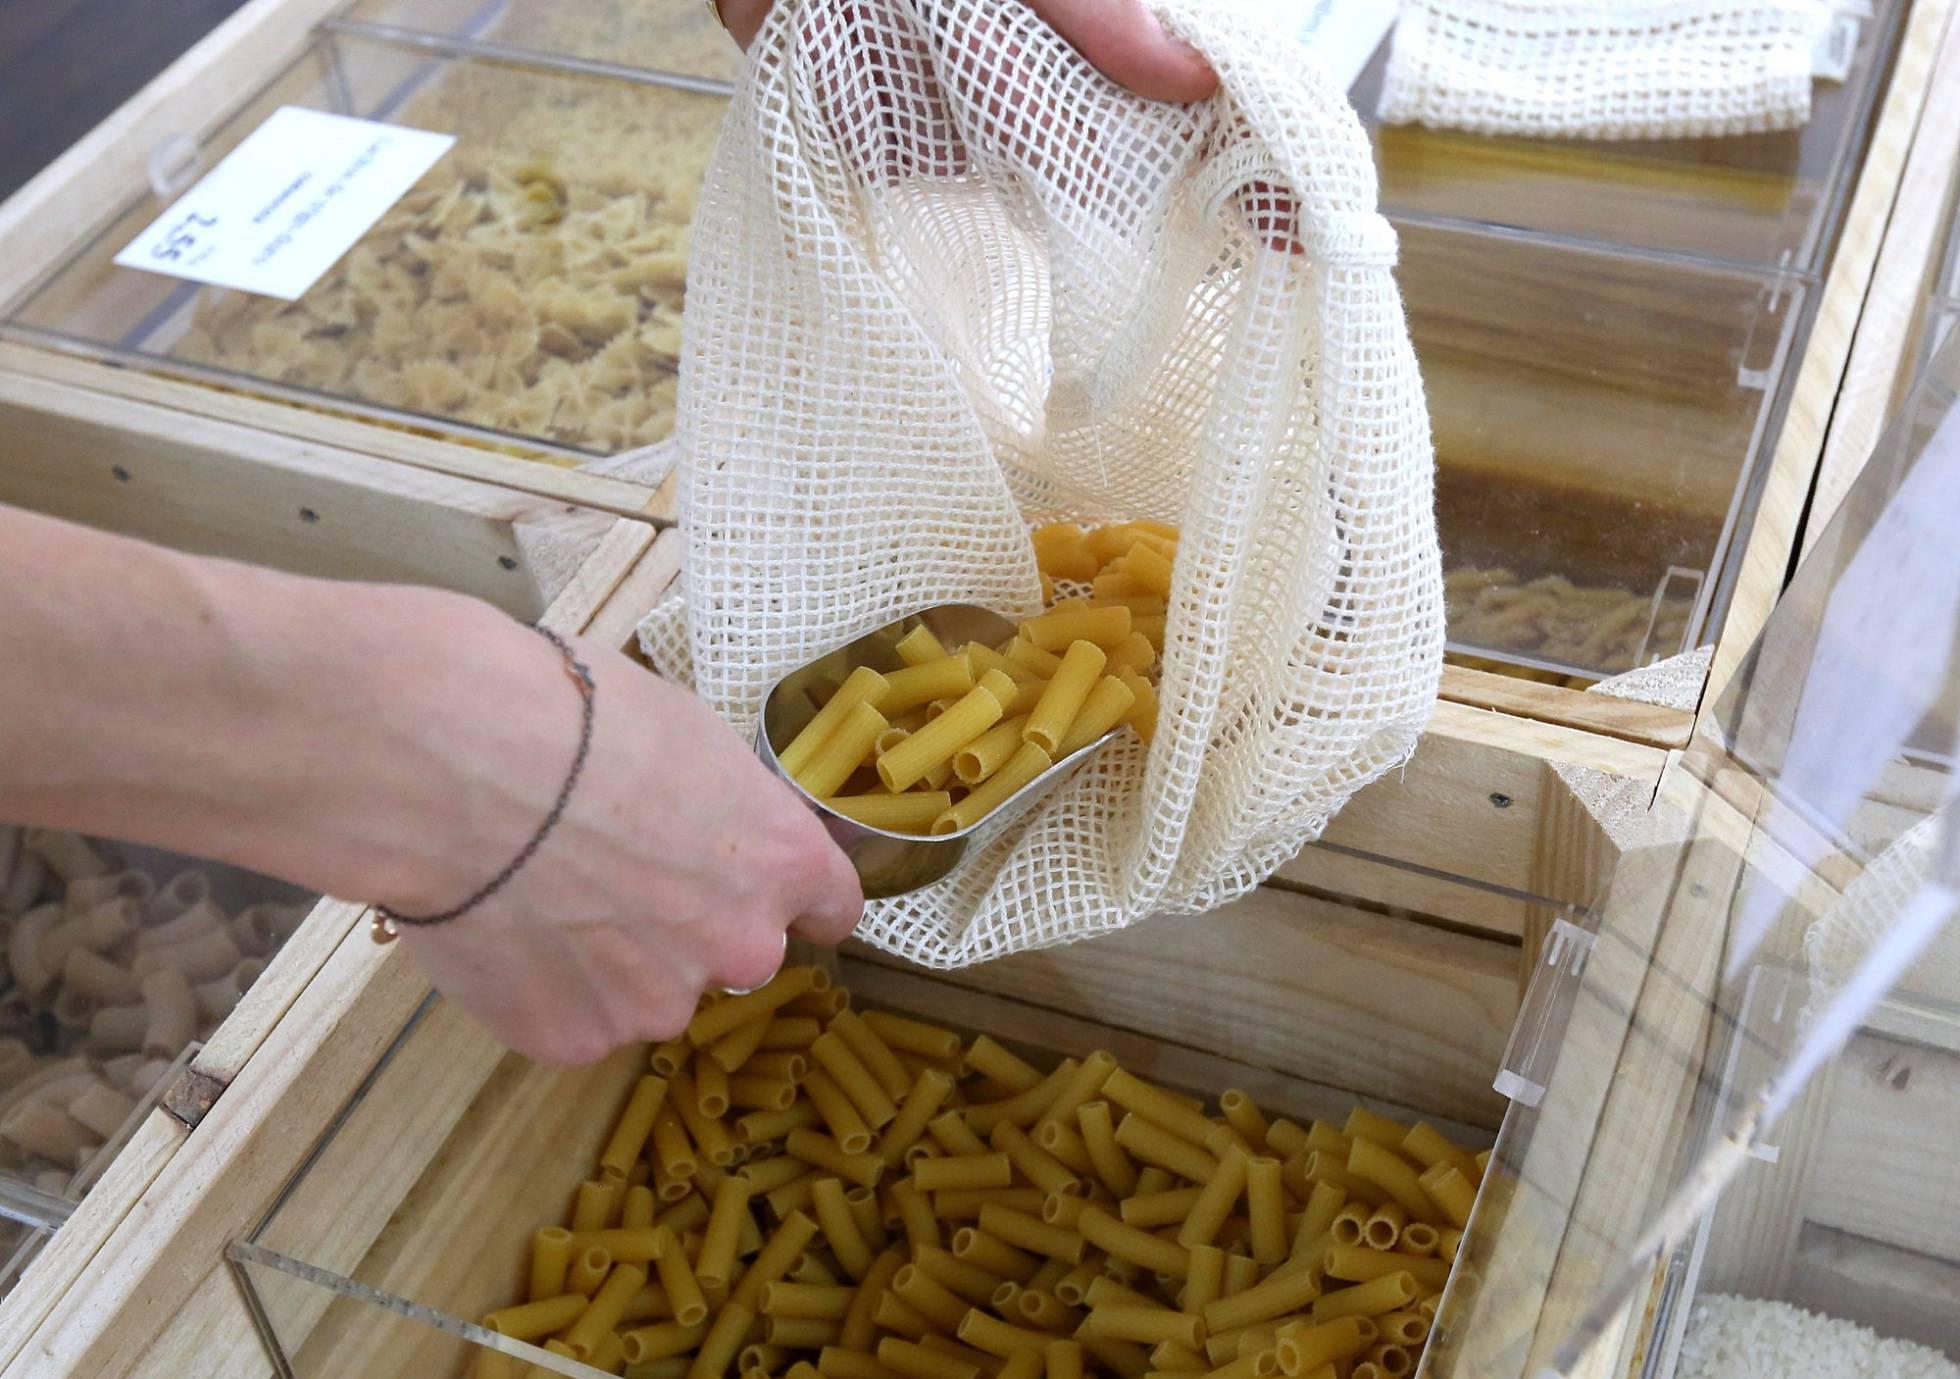 Первый в Мадриде супермаркет без пластика демонстрирует новую систему потребления